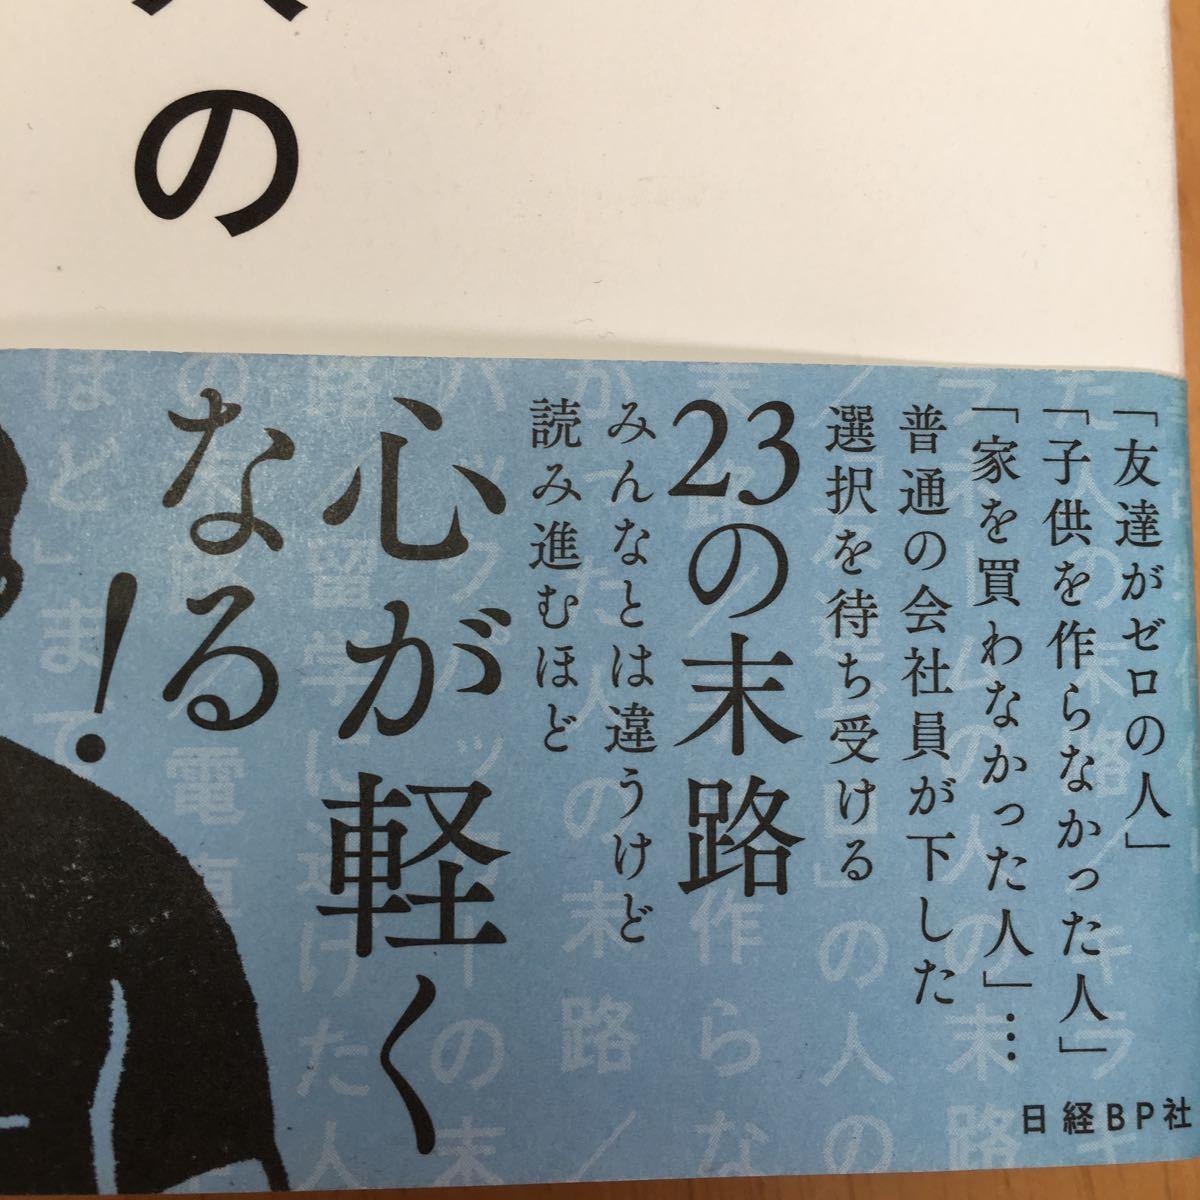 宝くじで1億円当たった人の末路 鈴木信行 中古 状態普通_画像3